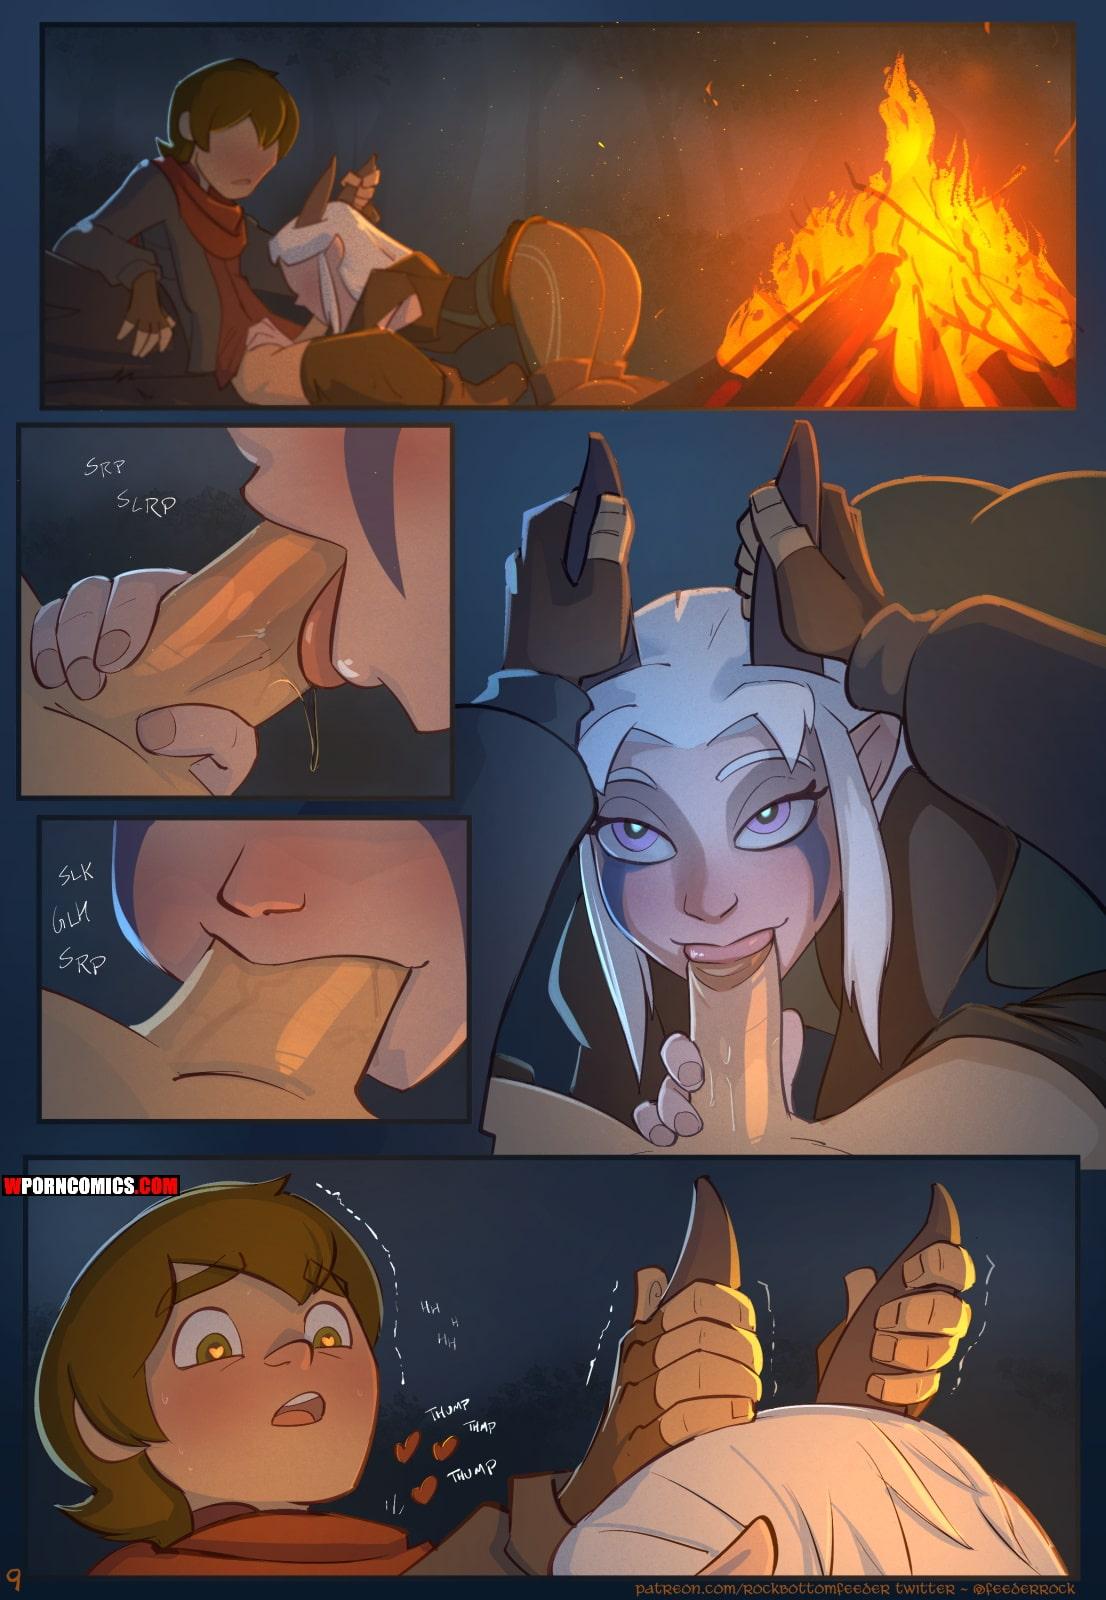 porn-comic-hung-princes-and-horny-elves-2020-01-31/porn-comic-hung-princes-and-horny-elves-2020-01-31-23873.jpg